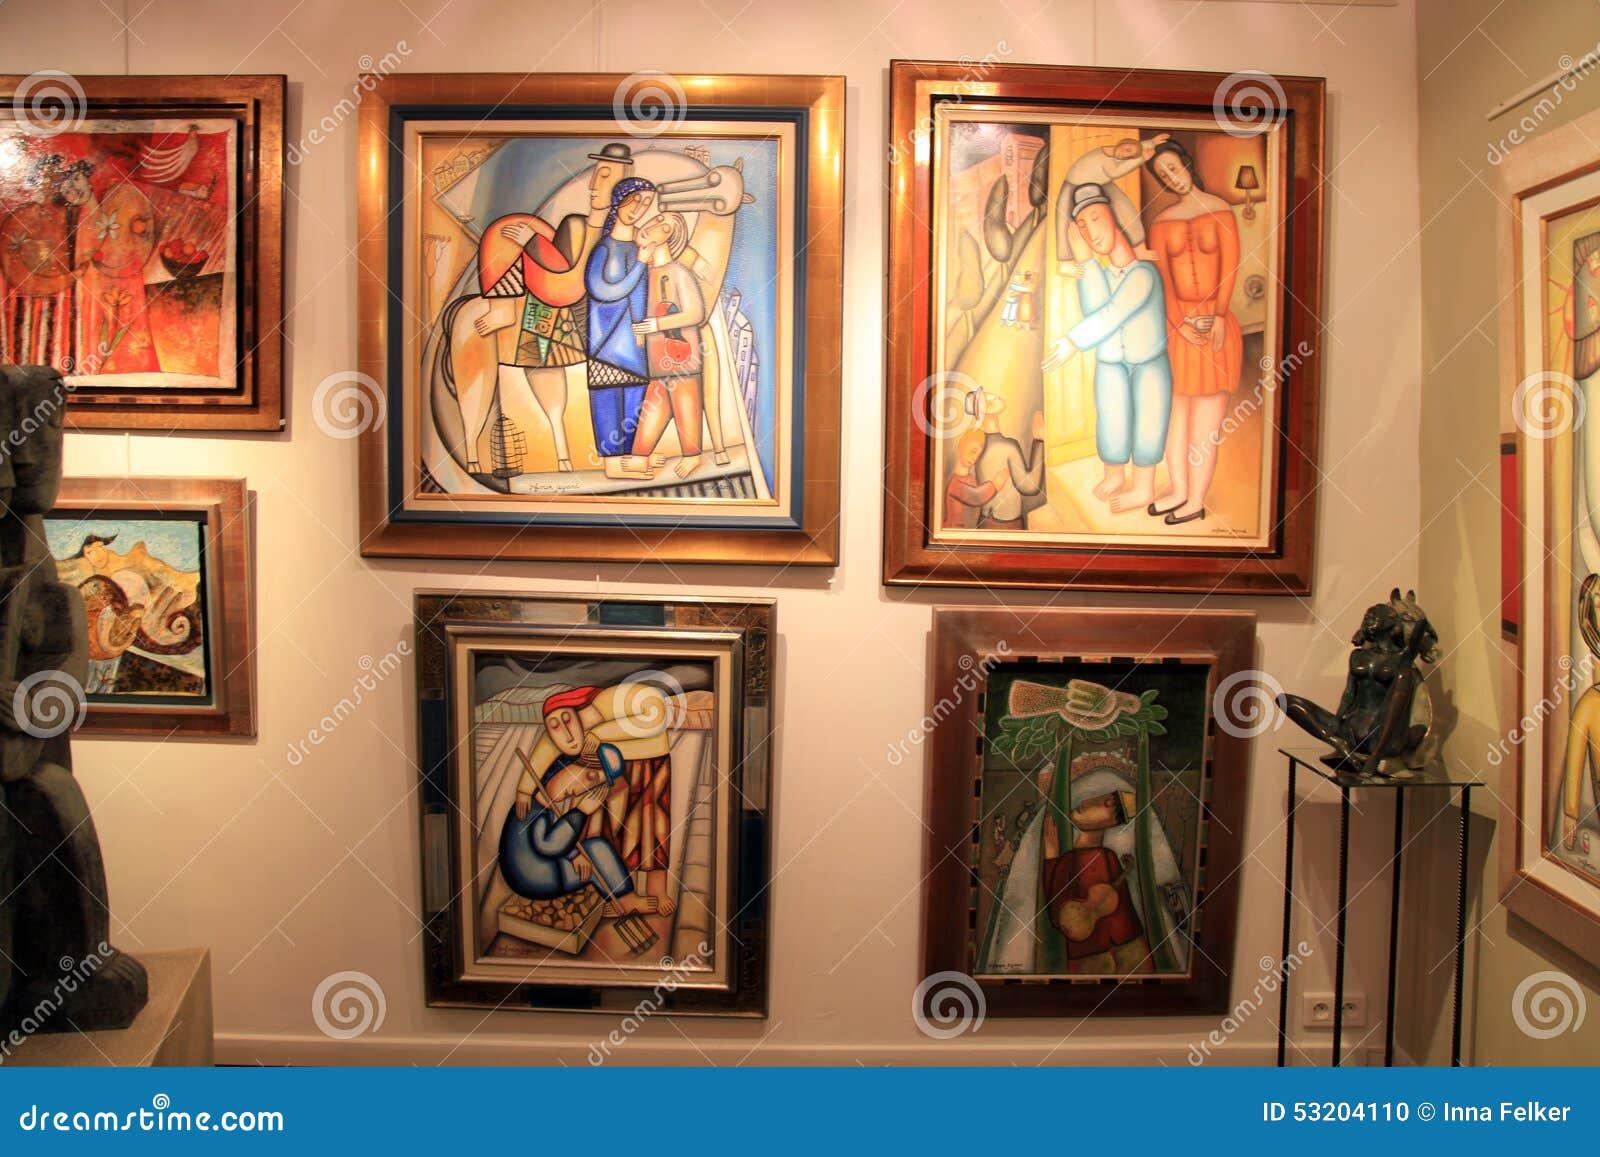 peintures contemporaines chez art gallery dans le saint paul de vence image ditorial image du. Black Bedroom Furniture Sets. Home Design Ideas